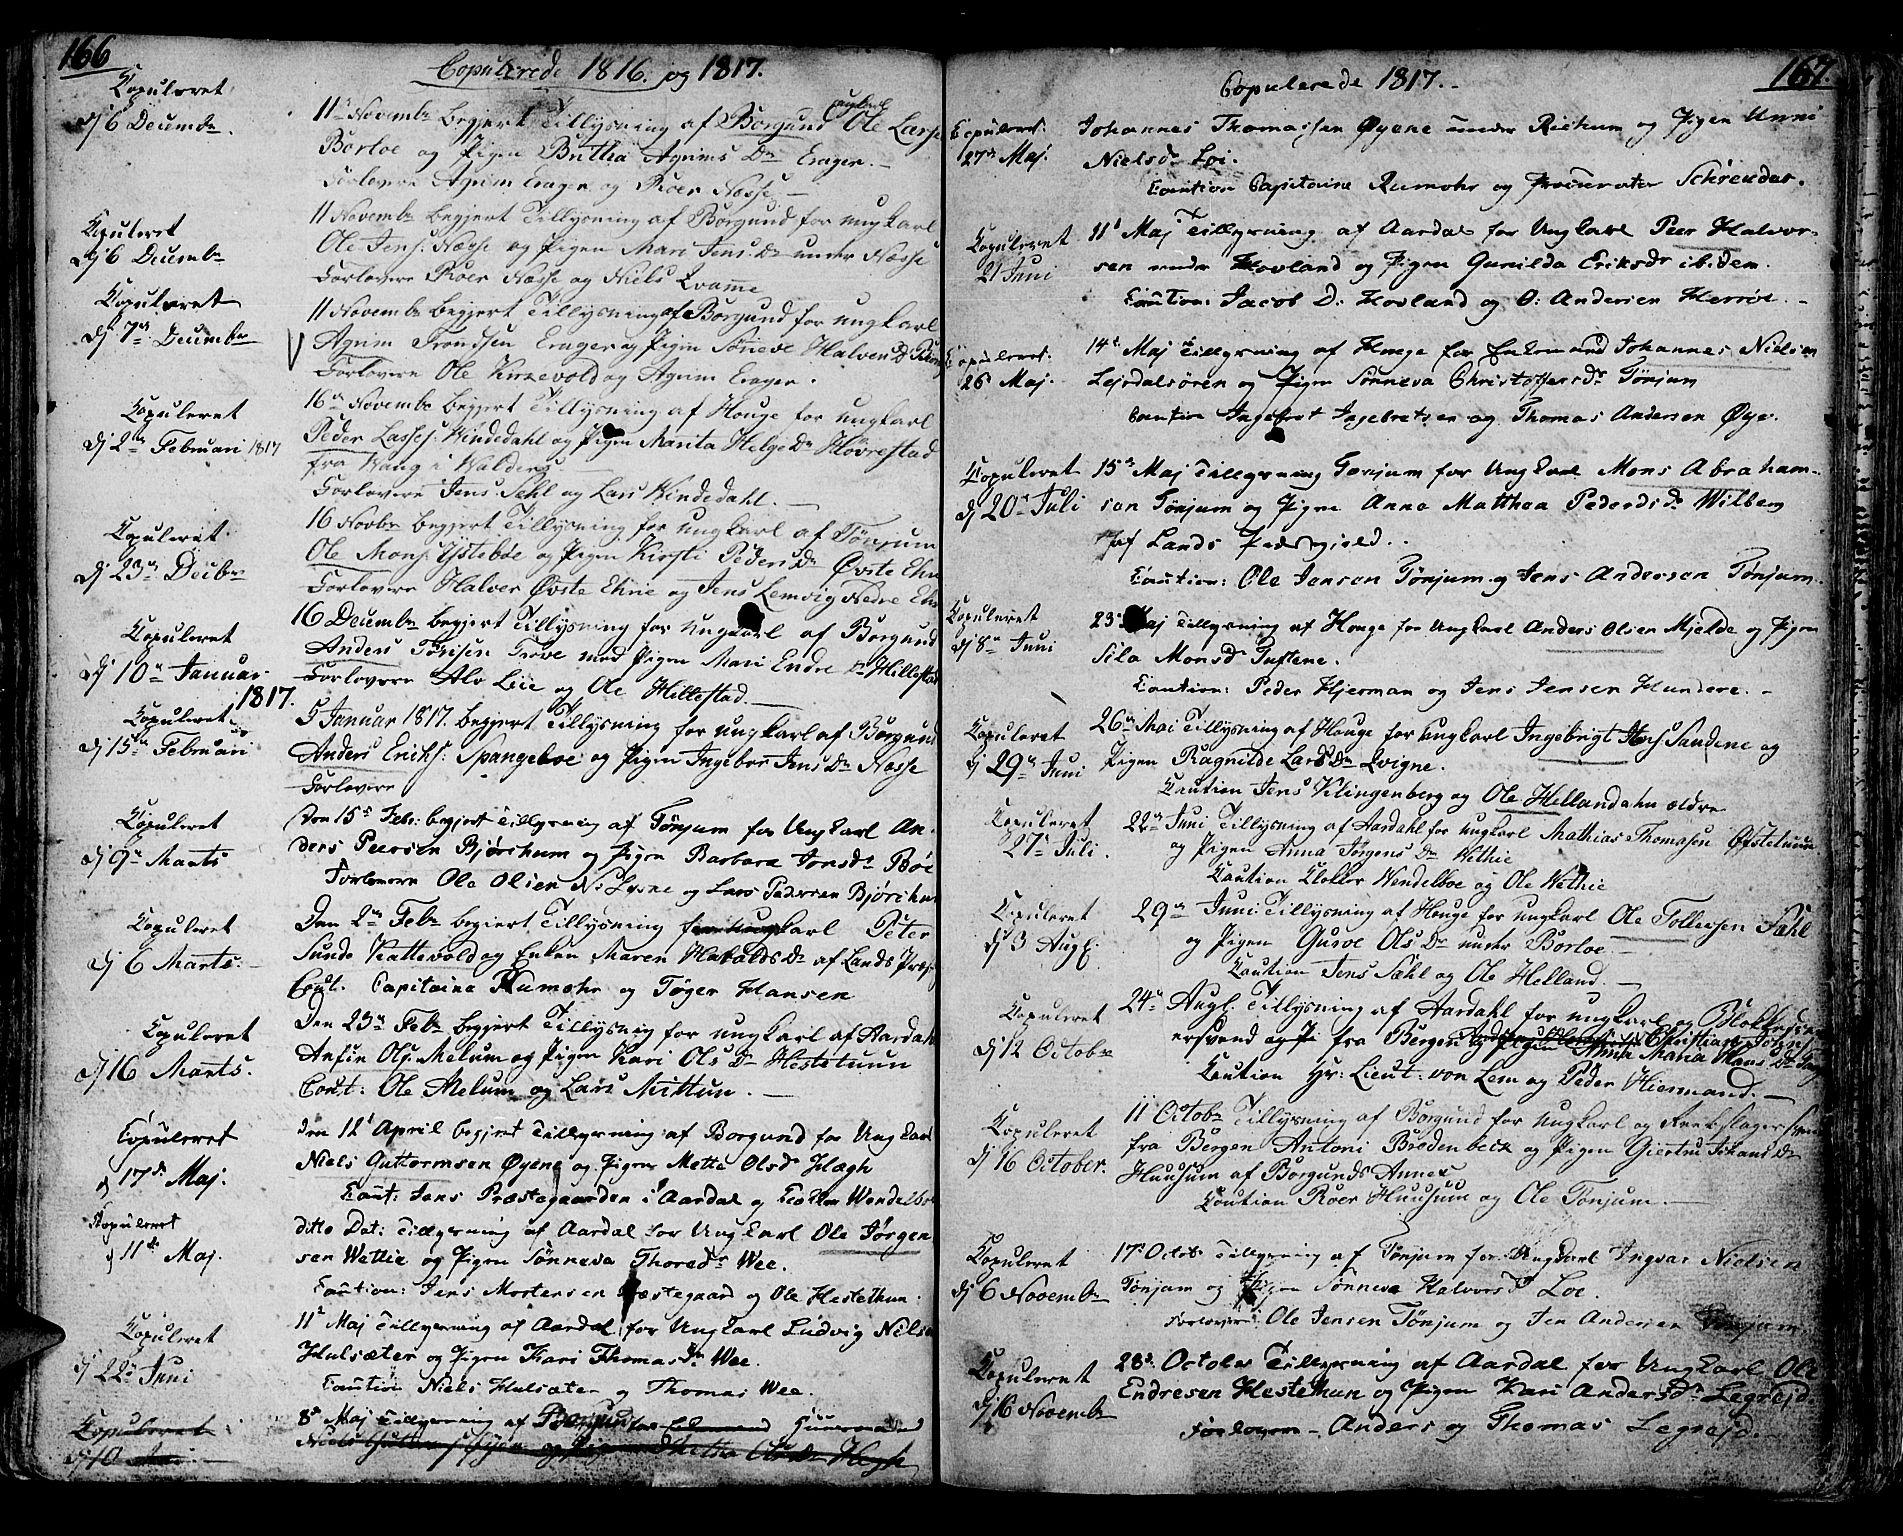 SAB, Lærdal sokneprestembete, Ministerialbok nr. A 4, 1805-1821, s. 166-167